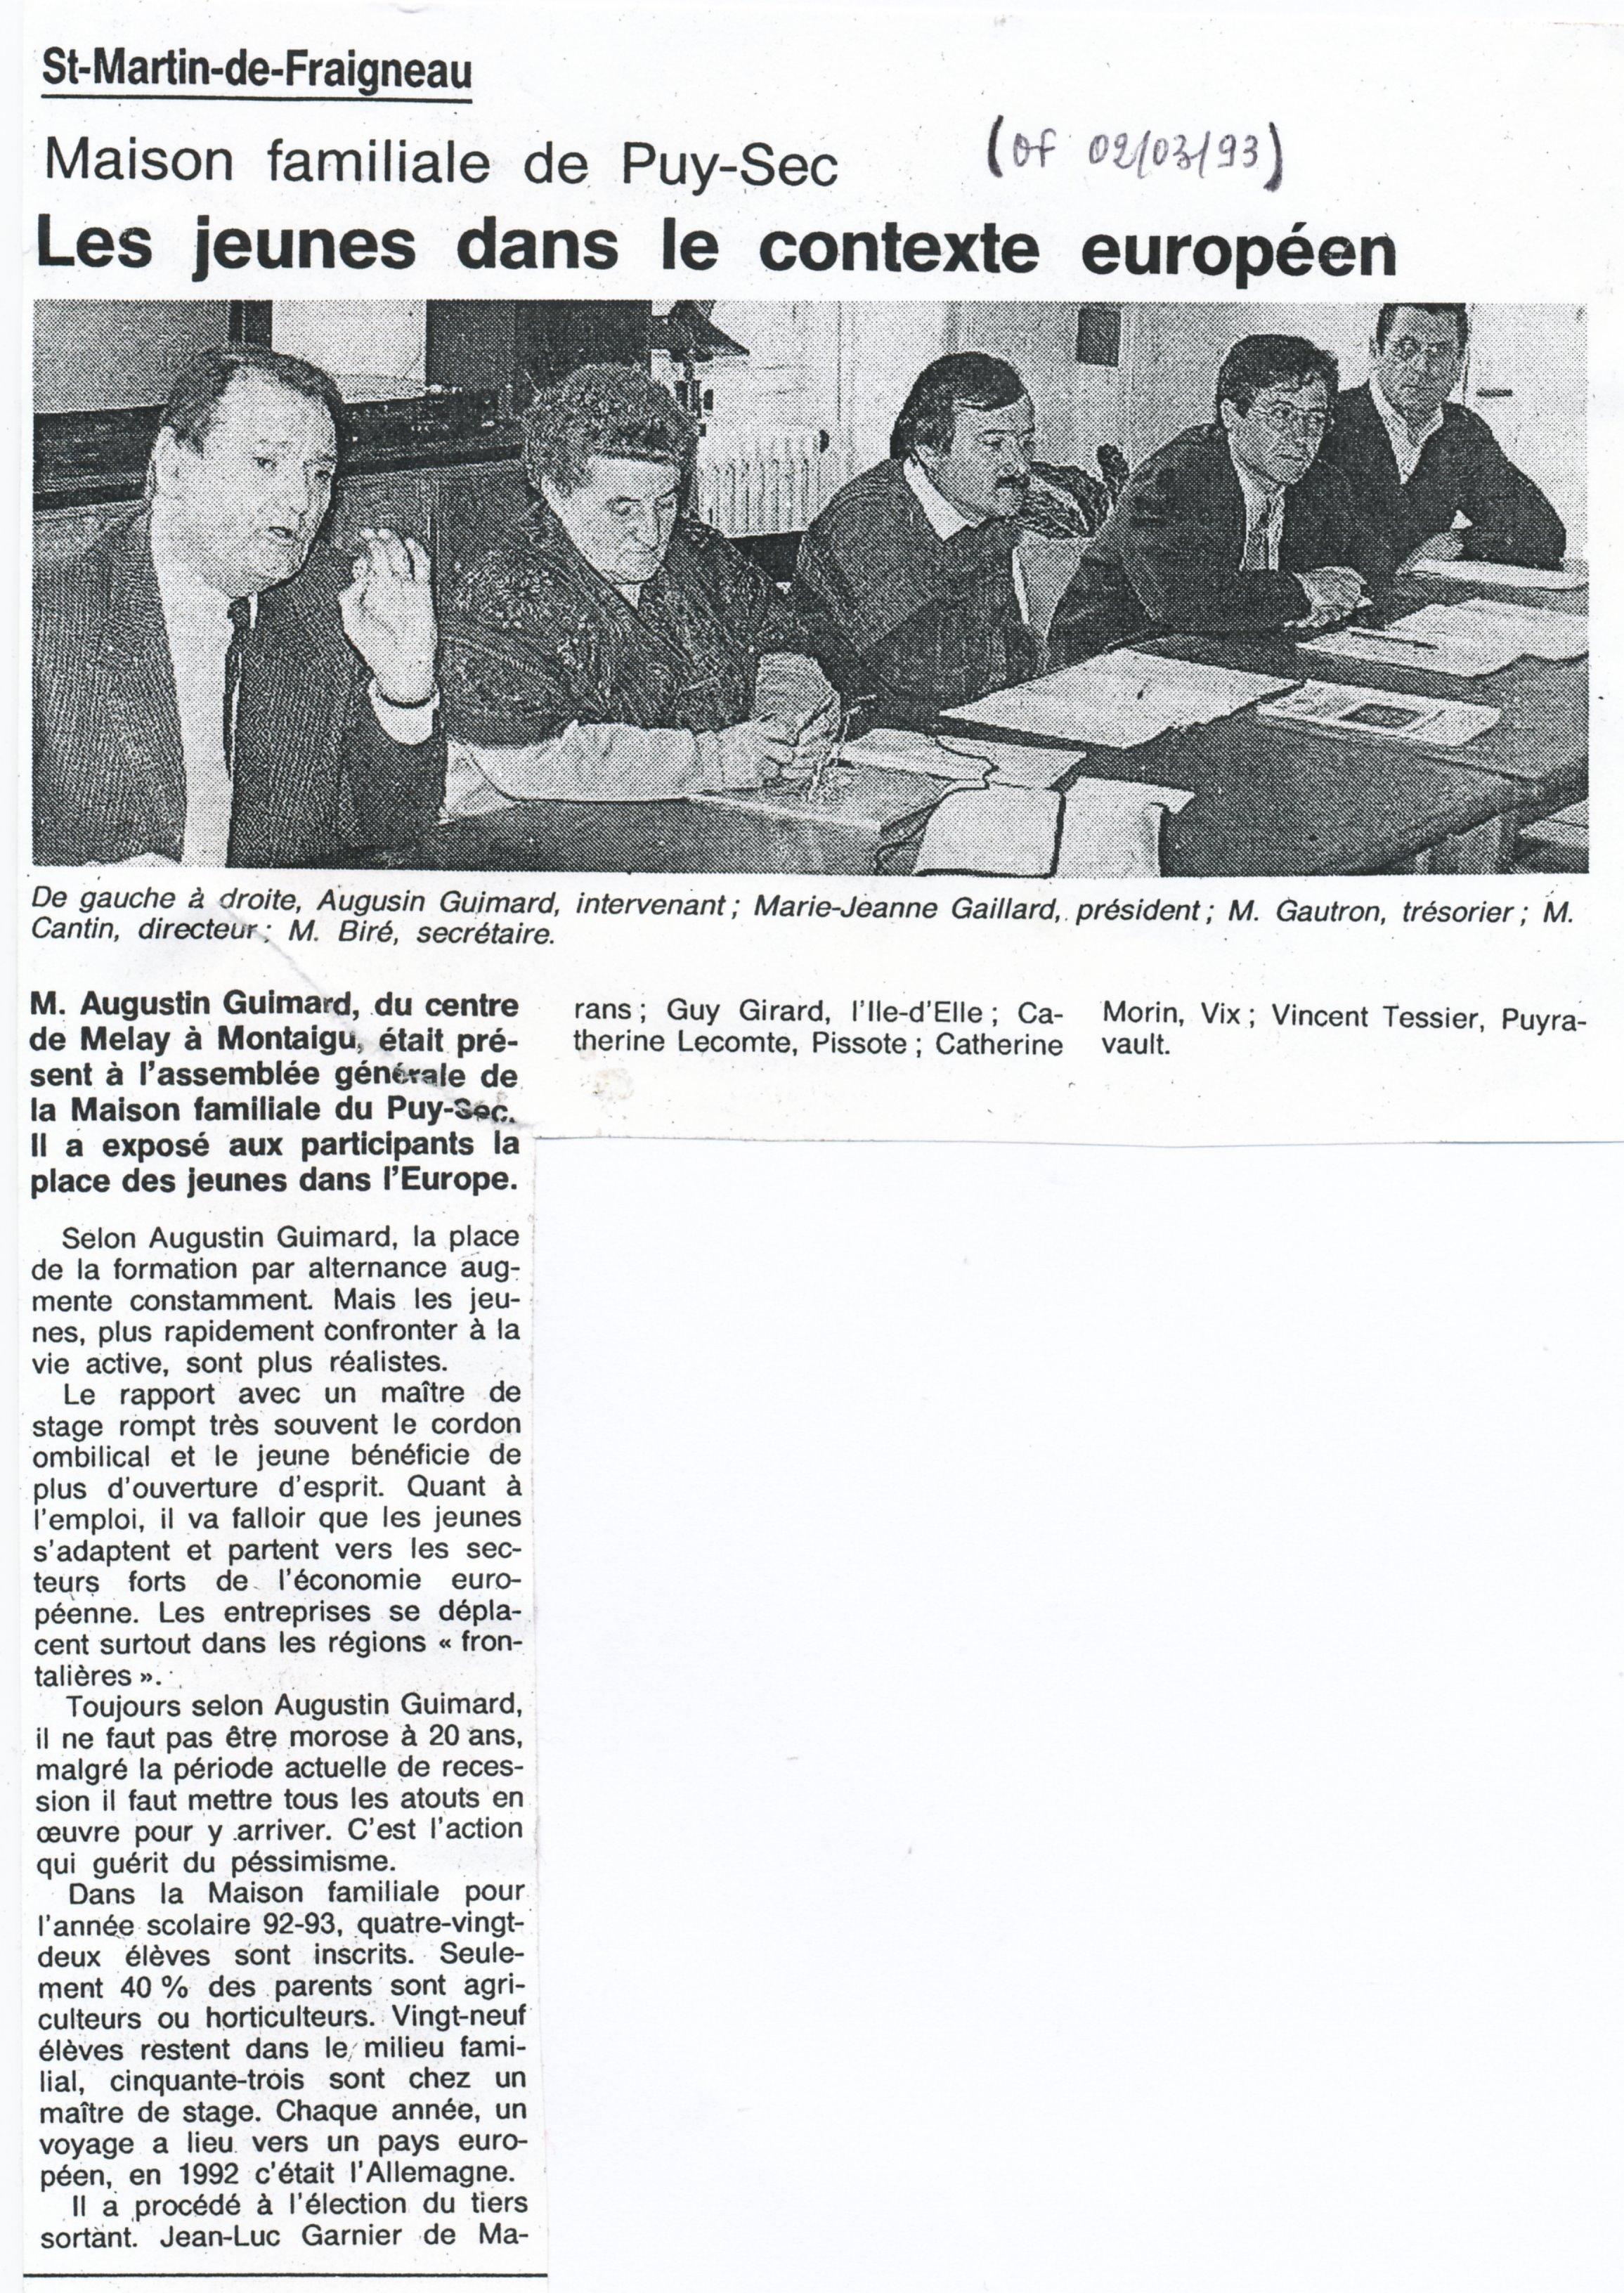 Archives anciens élèves mfr puy-sec 1993 (12)